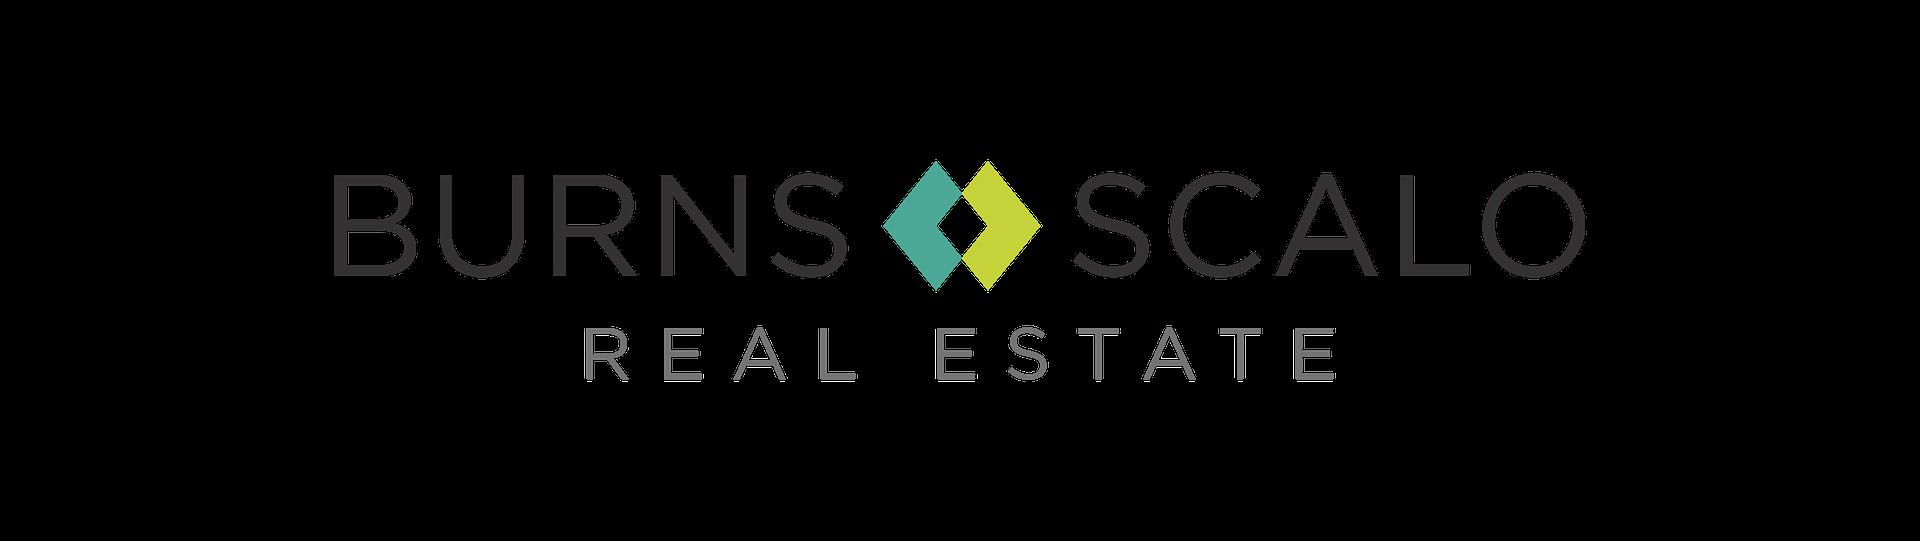 Burns Scalo Real Estate logo